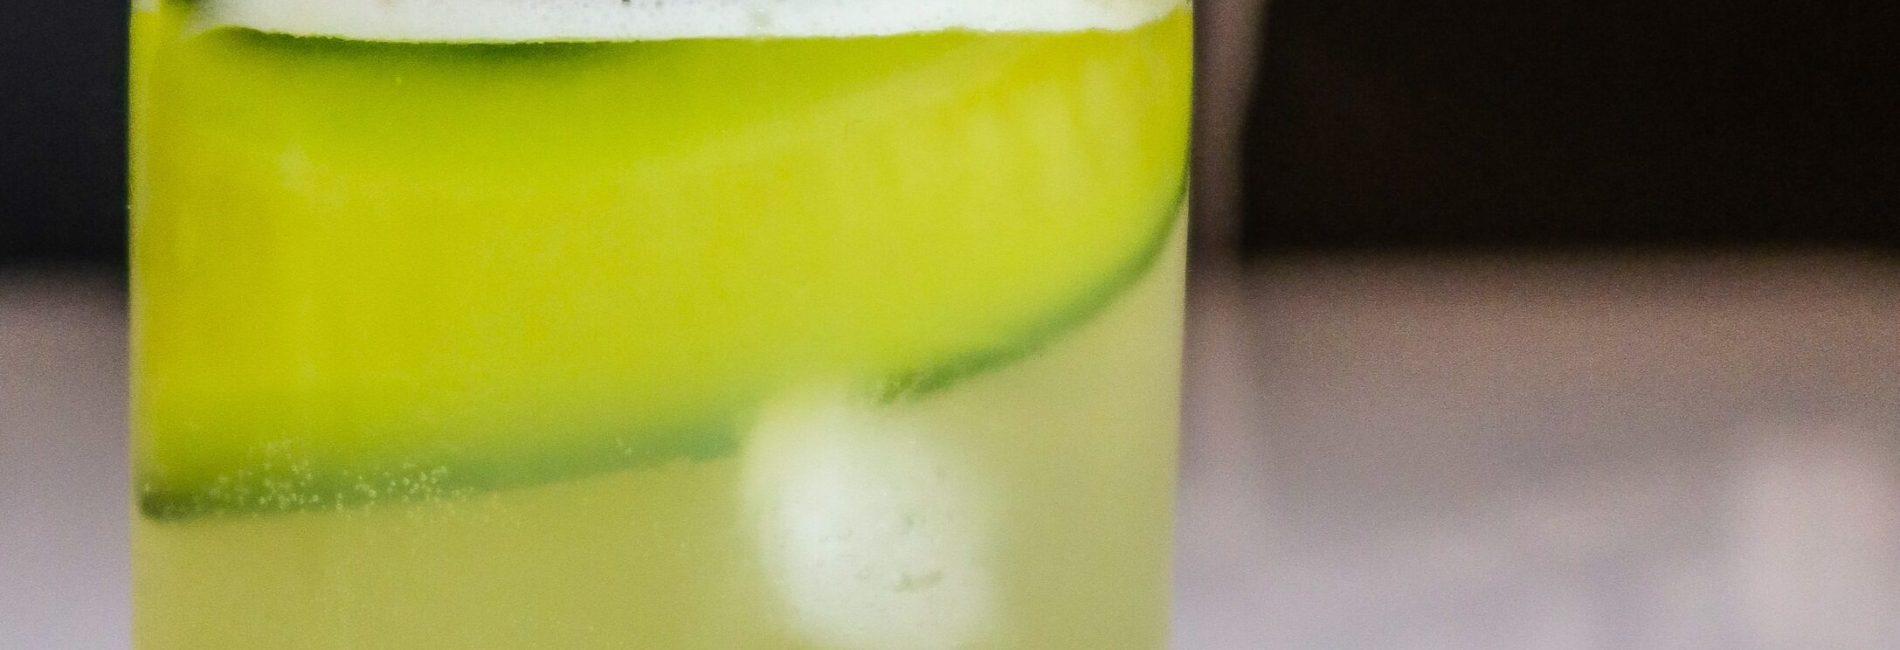 Fredagsdrinken – Green Spritzer